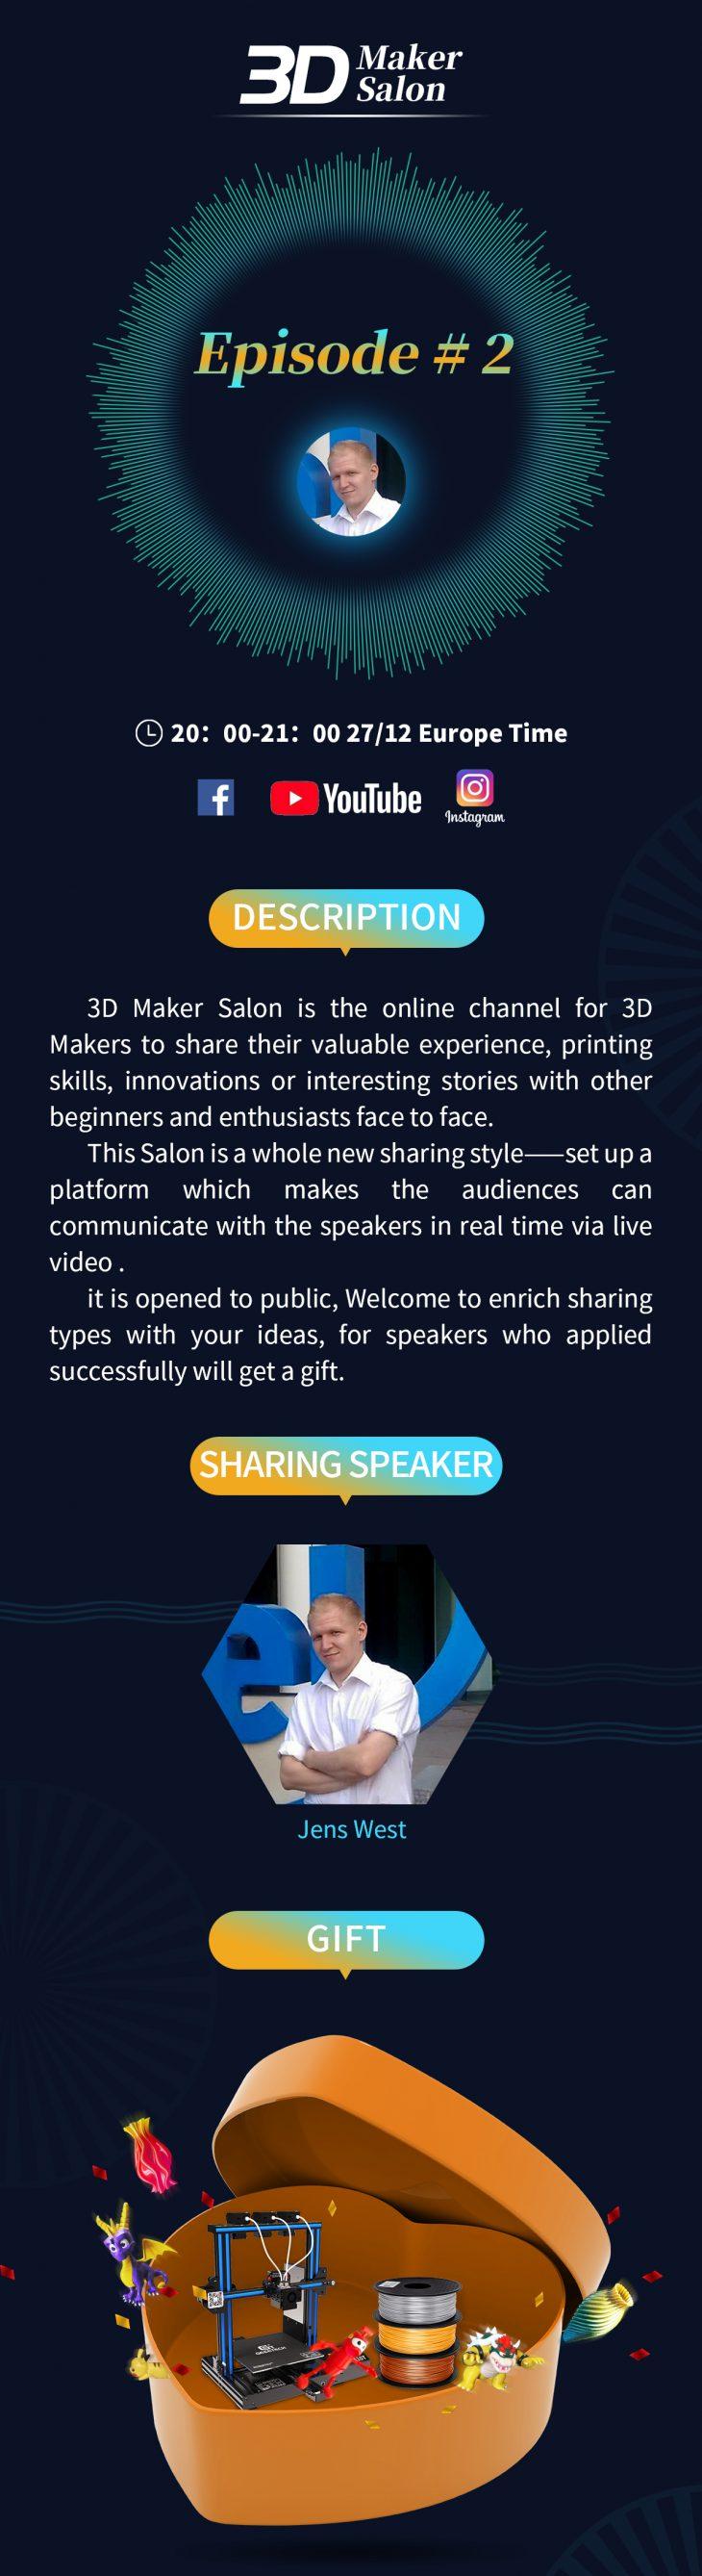 Geeetech 3D Maker Salon episode 2